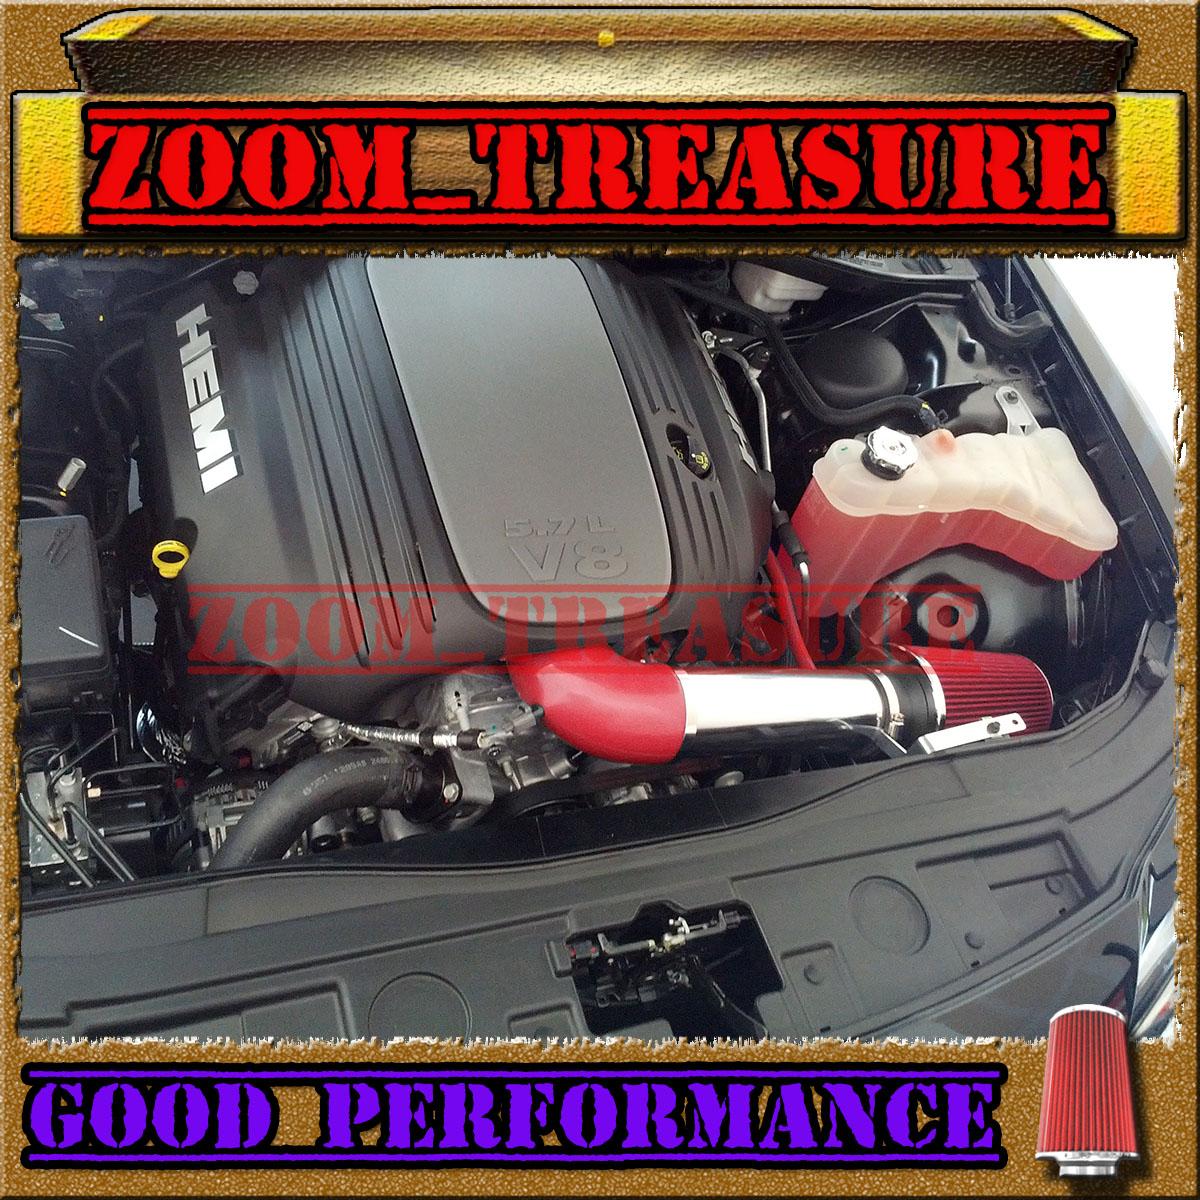 Procharger Supercharger Kit Chrysler 300 6 1l Srt8 2006: RED 2005-2012/05-12 CHARGER/MAGNUM/CHALLENGER/300C 5.7/6.1